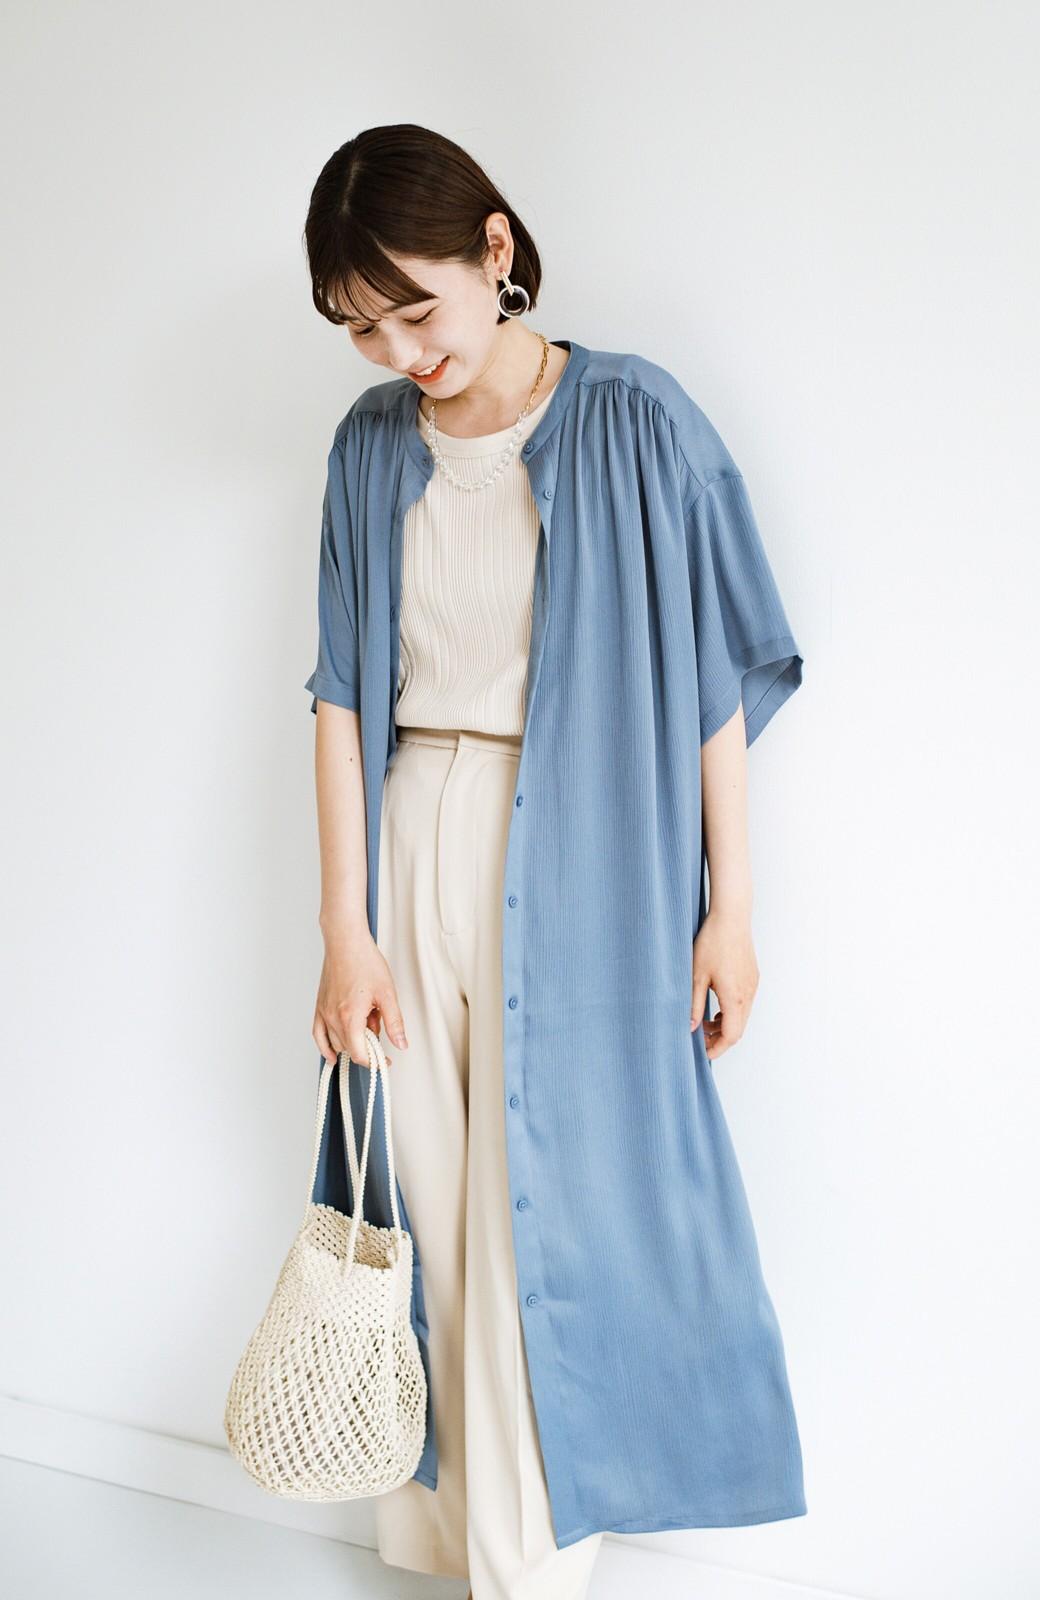 haco! 羽織としてもワンピースとしても着られちゃう 後ろ姿まで抜かりなくかわいいプリーツワンピース <ブルー>の商品写真7